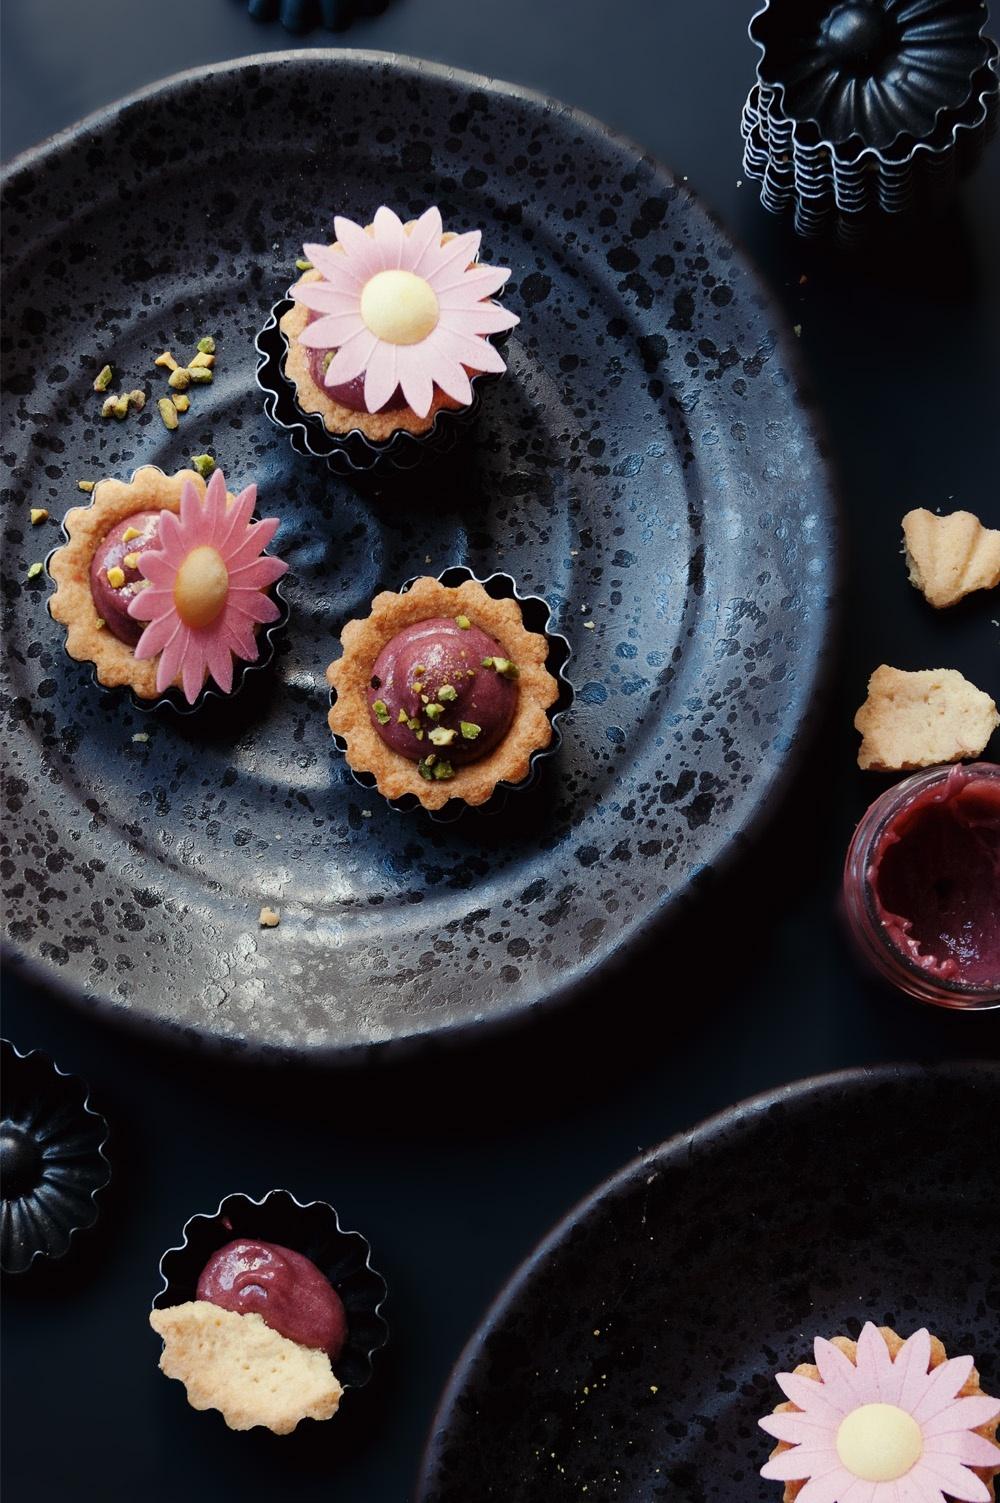 Tartelettes raspberry curd 4 - Qui a volé les tartes - Studio 2 création